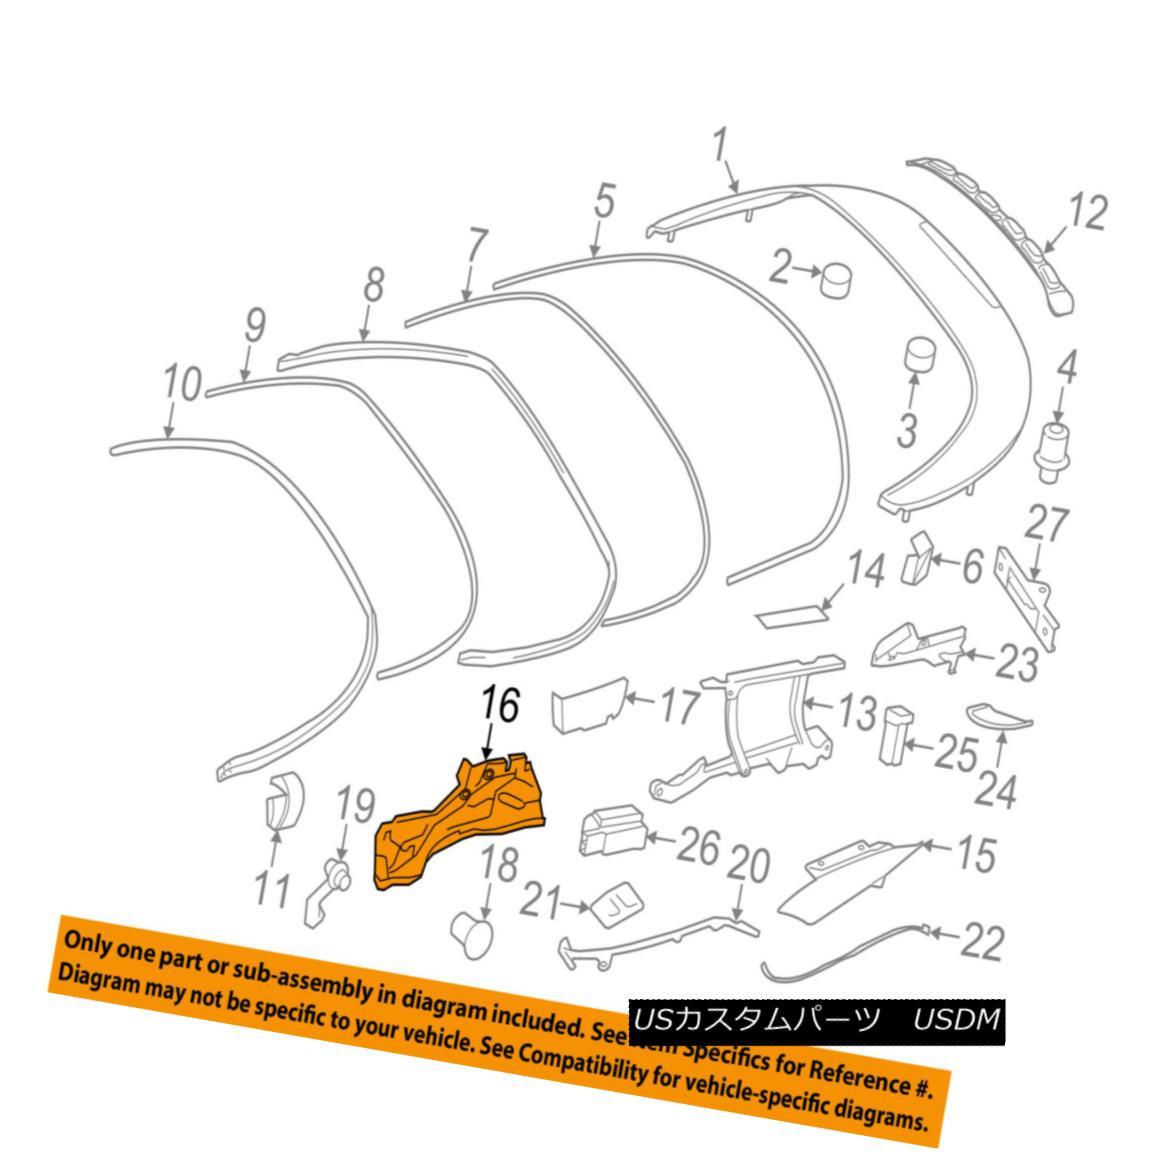 幌・ソフトトップ PORSCHE OEM 99-12 911 Convertible/soft Top-Drip Channel Right 99656180603 PORSCHE OEM 99-12 911コンバーチブル/ so ftトップドリップチャンネル右99656180603